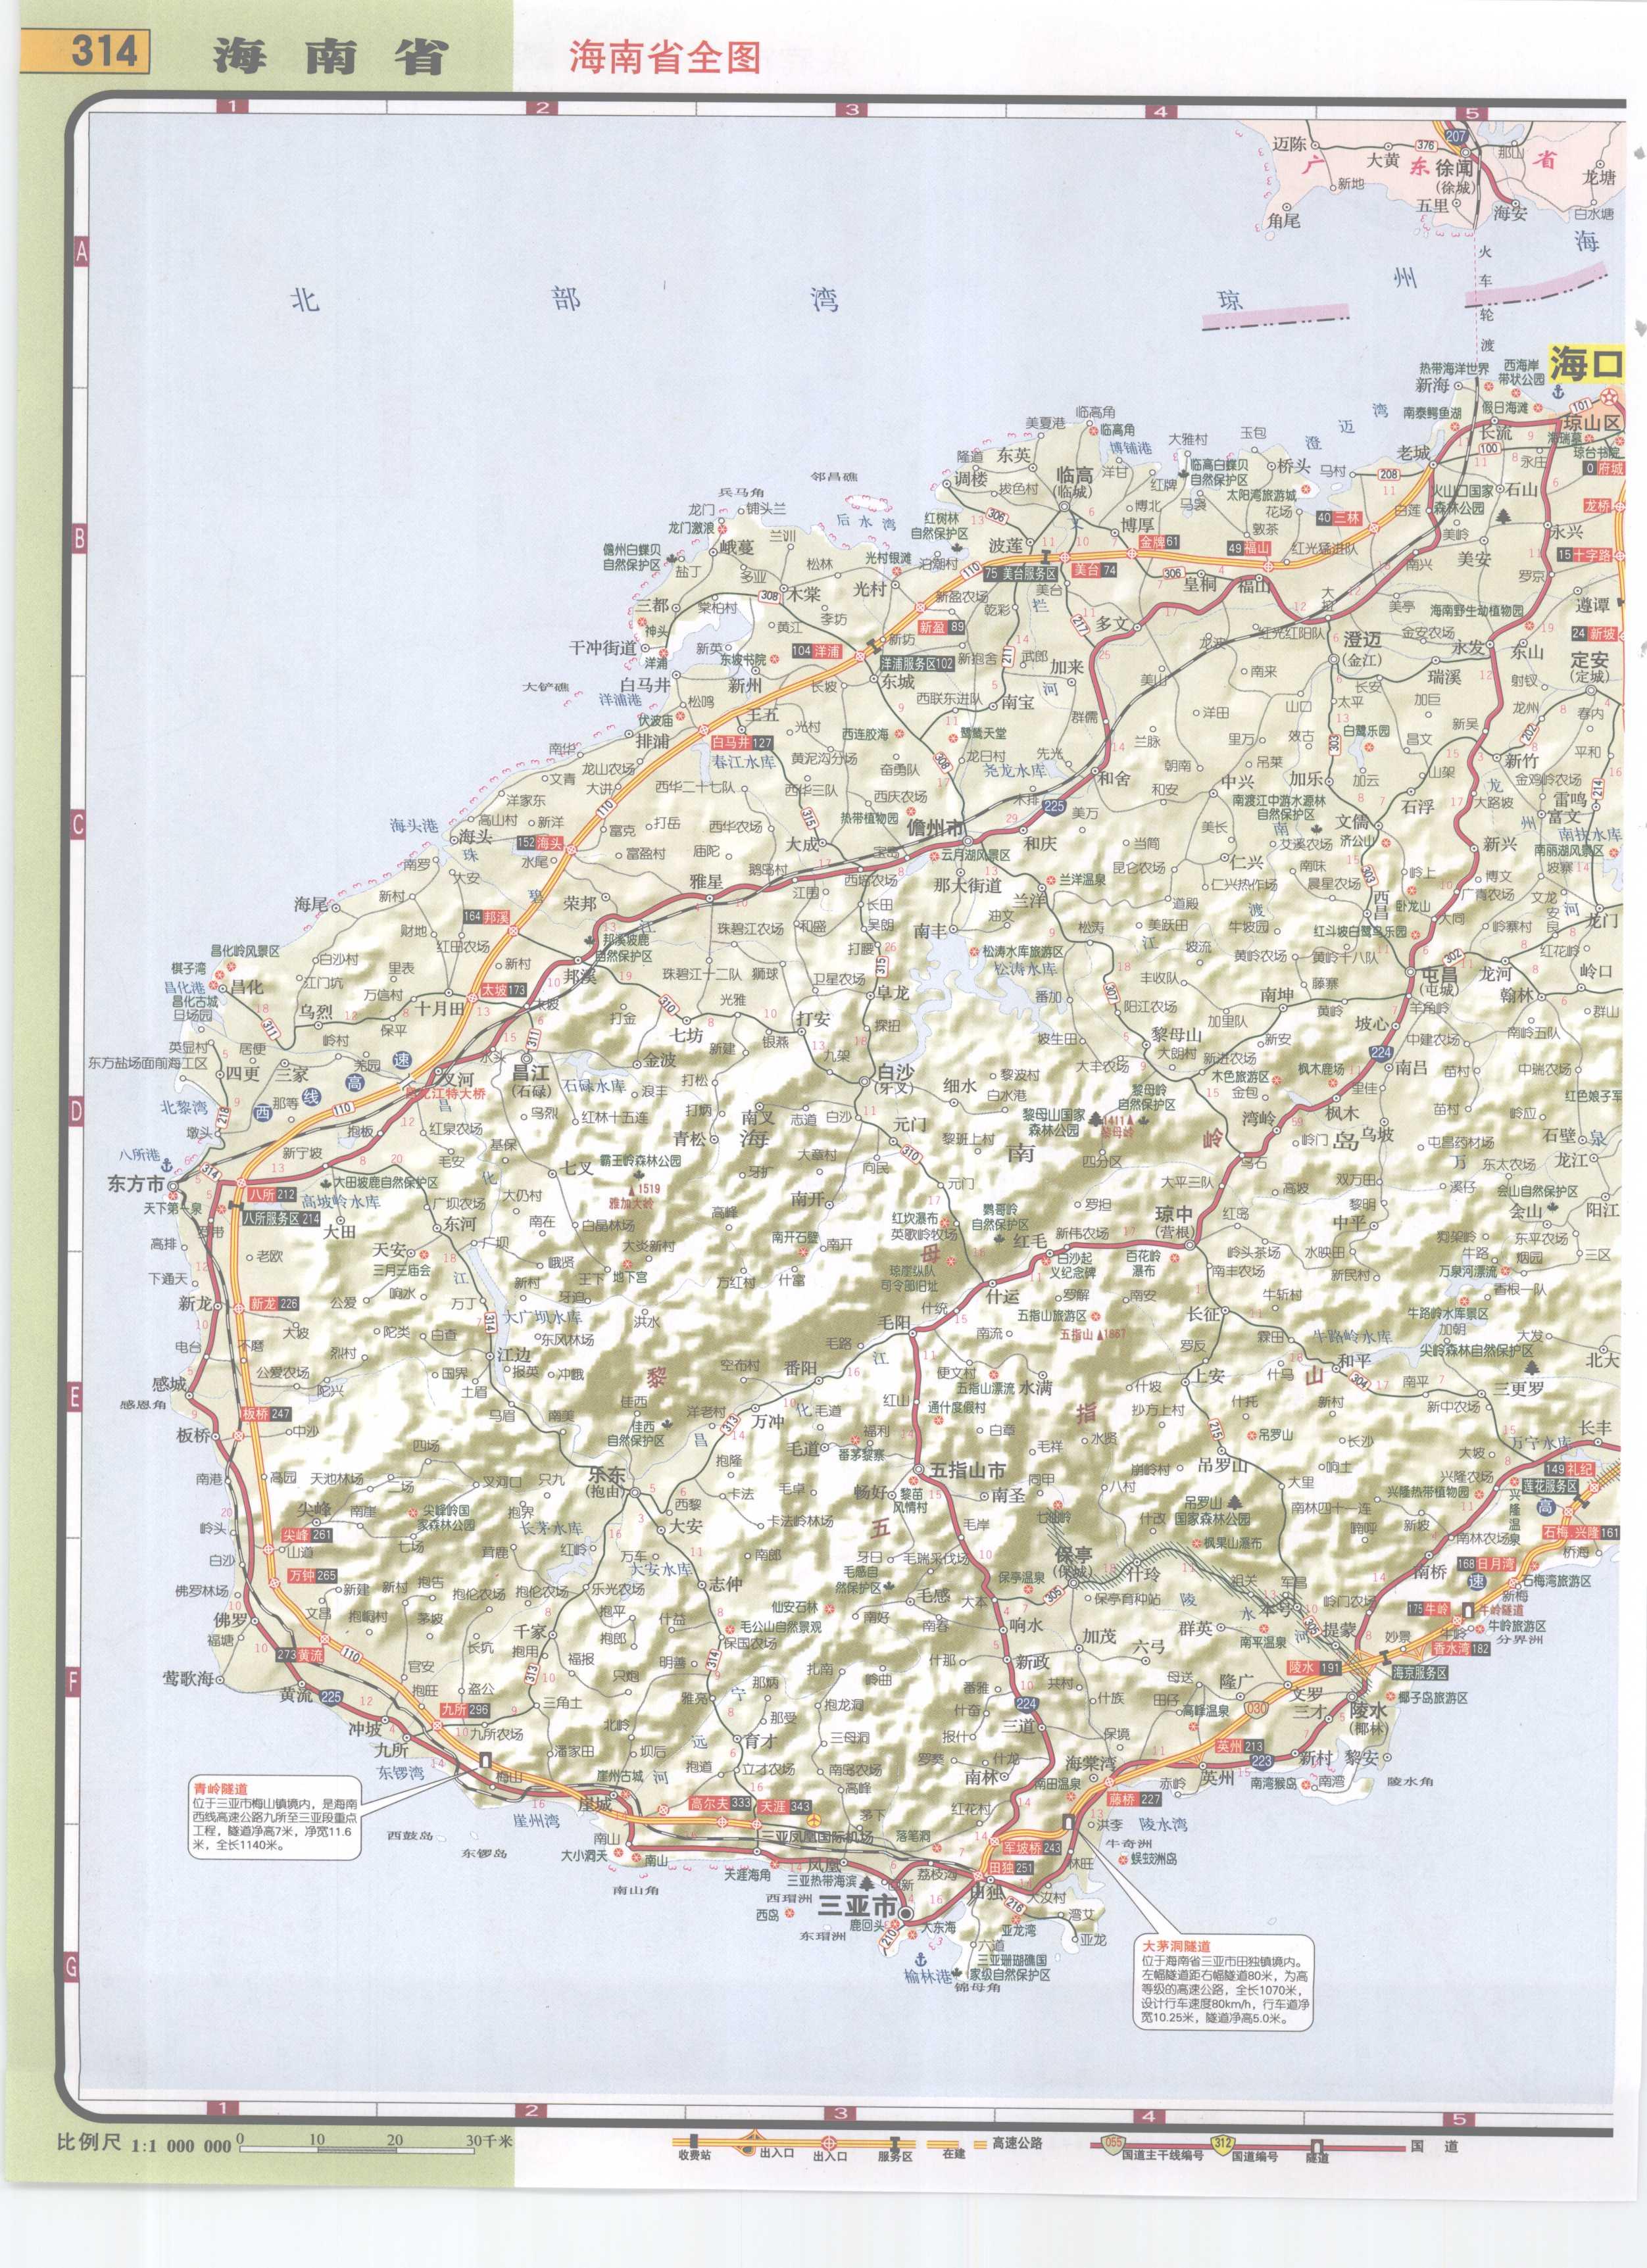 海南省高速公路网地图